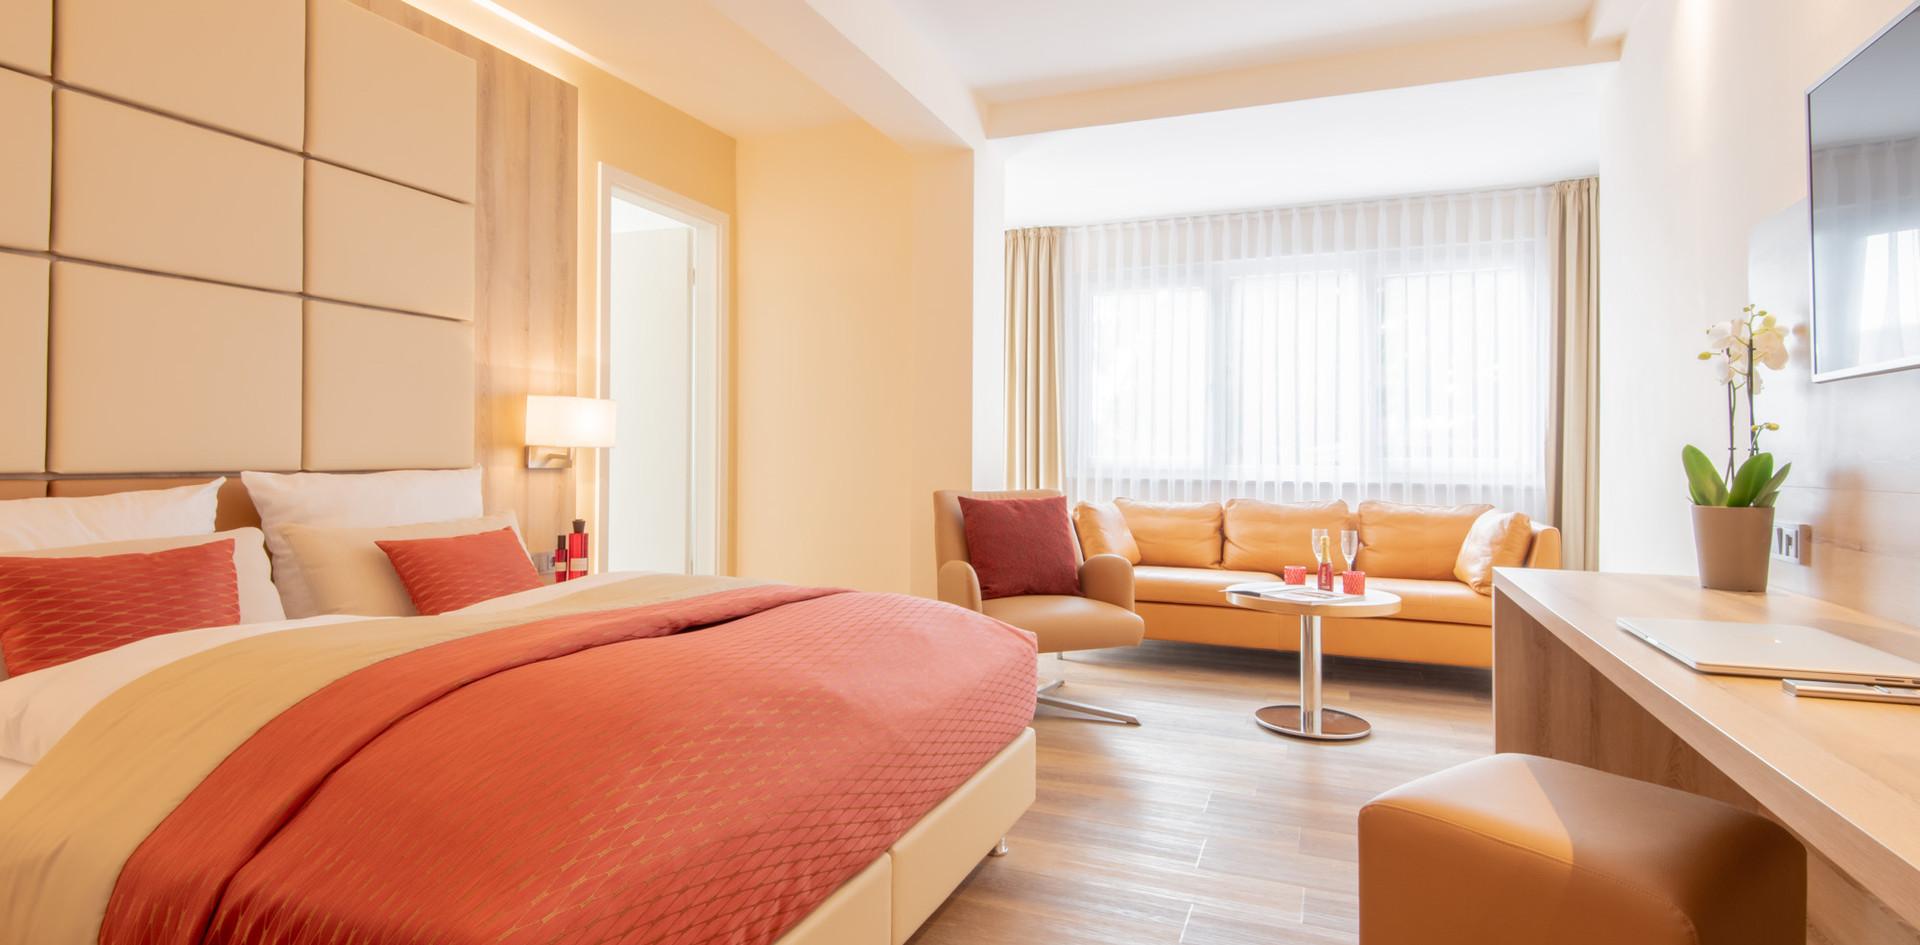 DZ Villa2 Hotel Wegner - The culinary Art Hotel